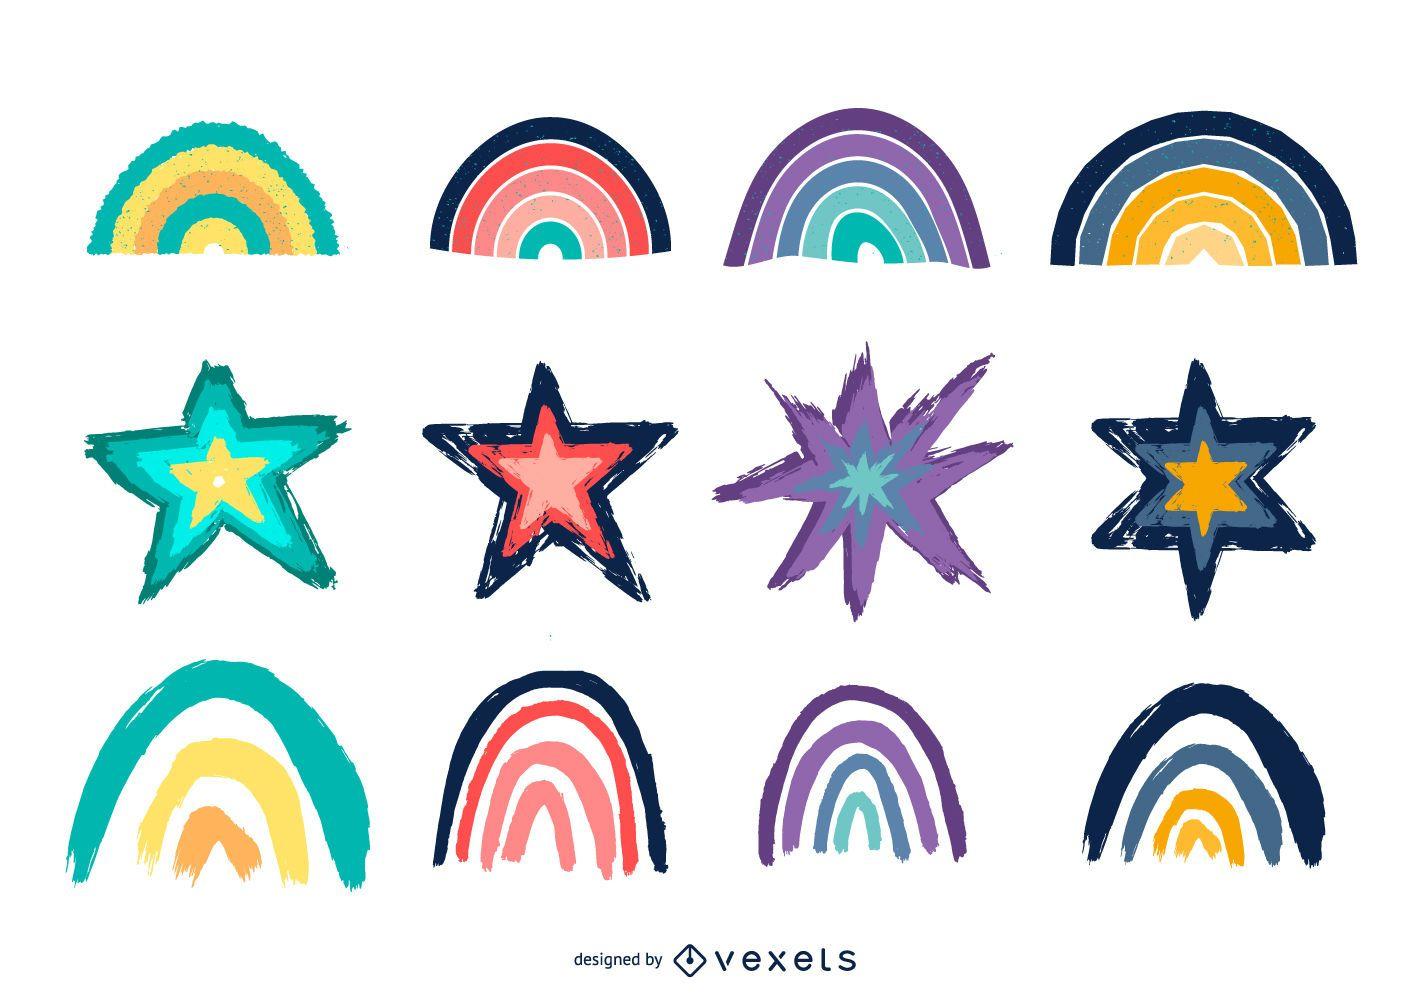 Pacote de Design Ilustrado de Arco-íris e Estrelas